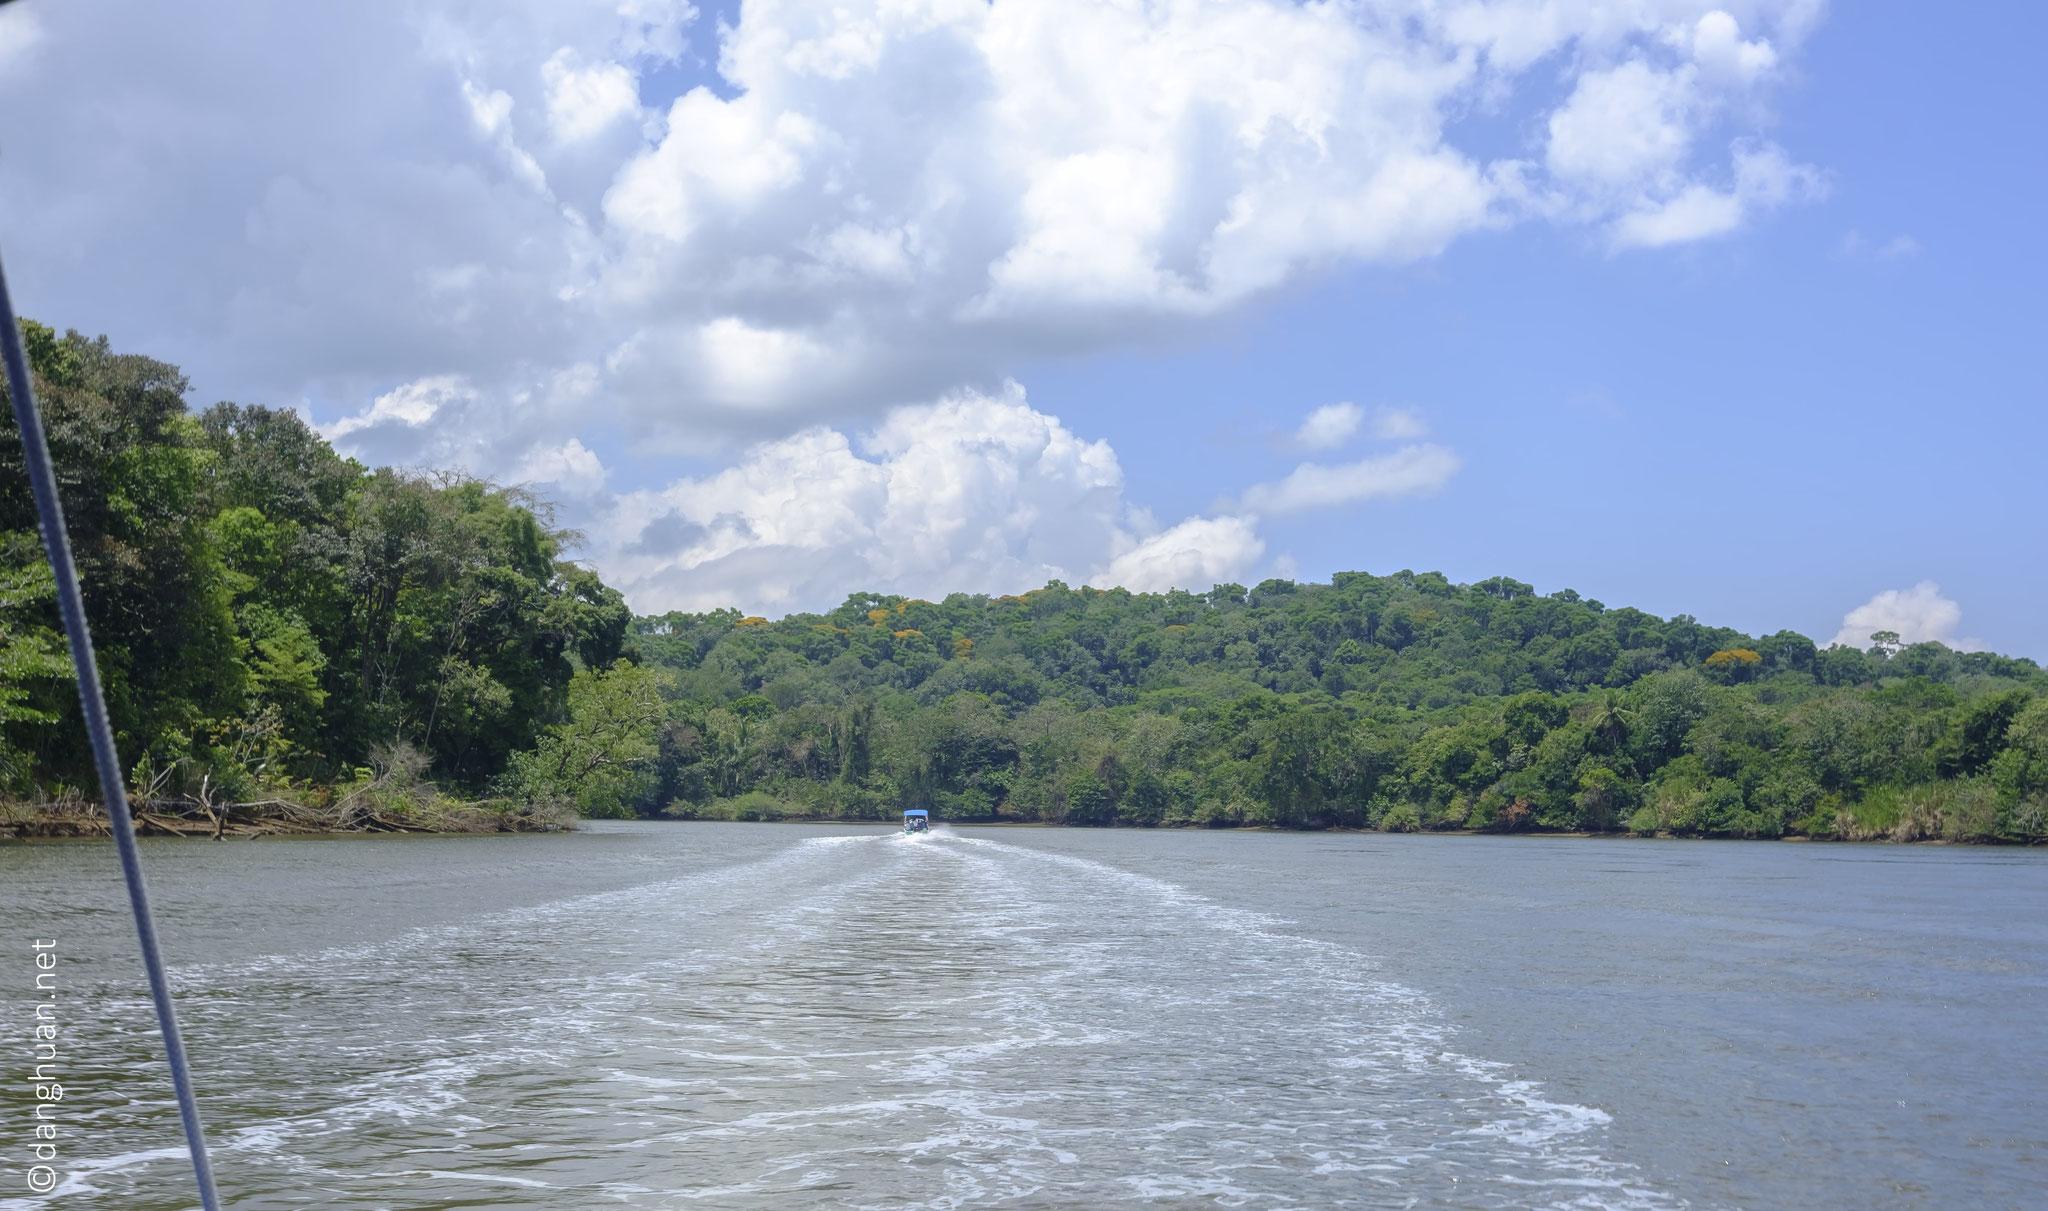 Parc national Palo Verde - balade d'observation de la mangrove, de la flaune et de la flore... sur la rivière Sierpe